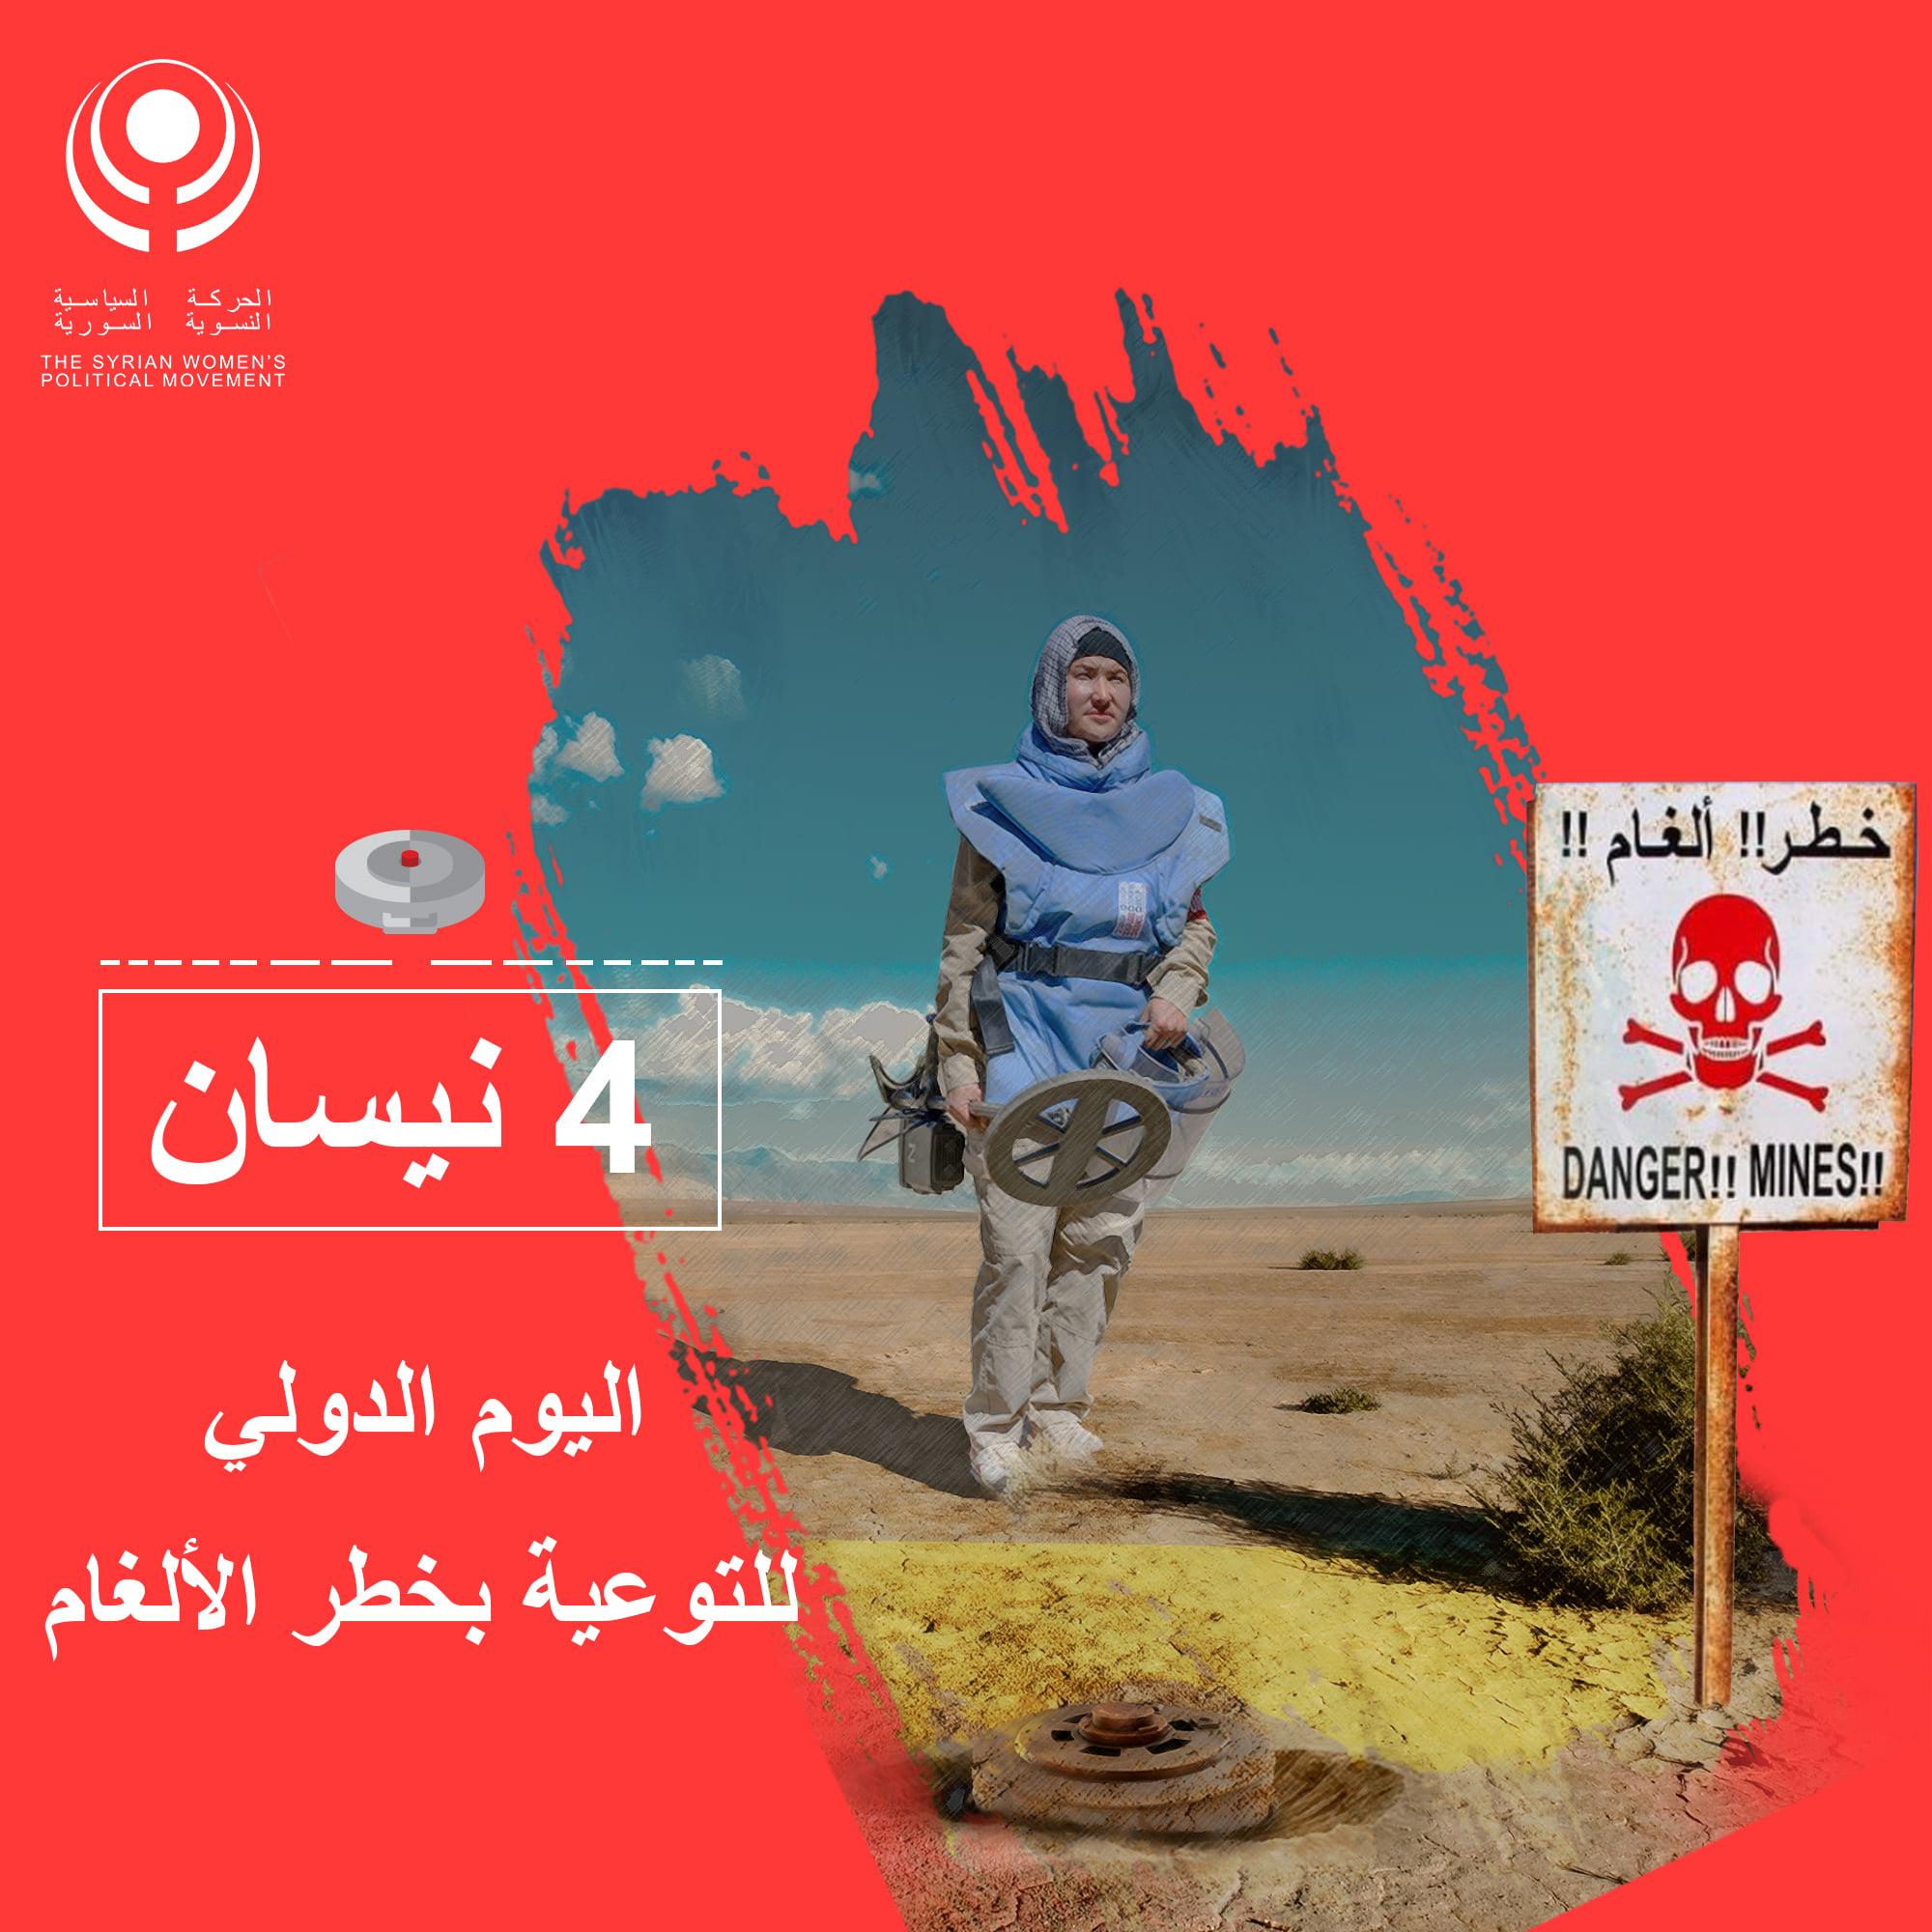 اليوم الدولي للتوعية بخطر الألغام